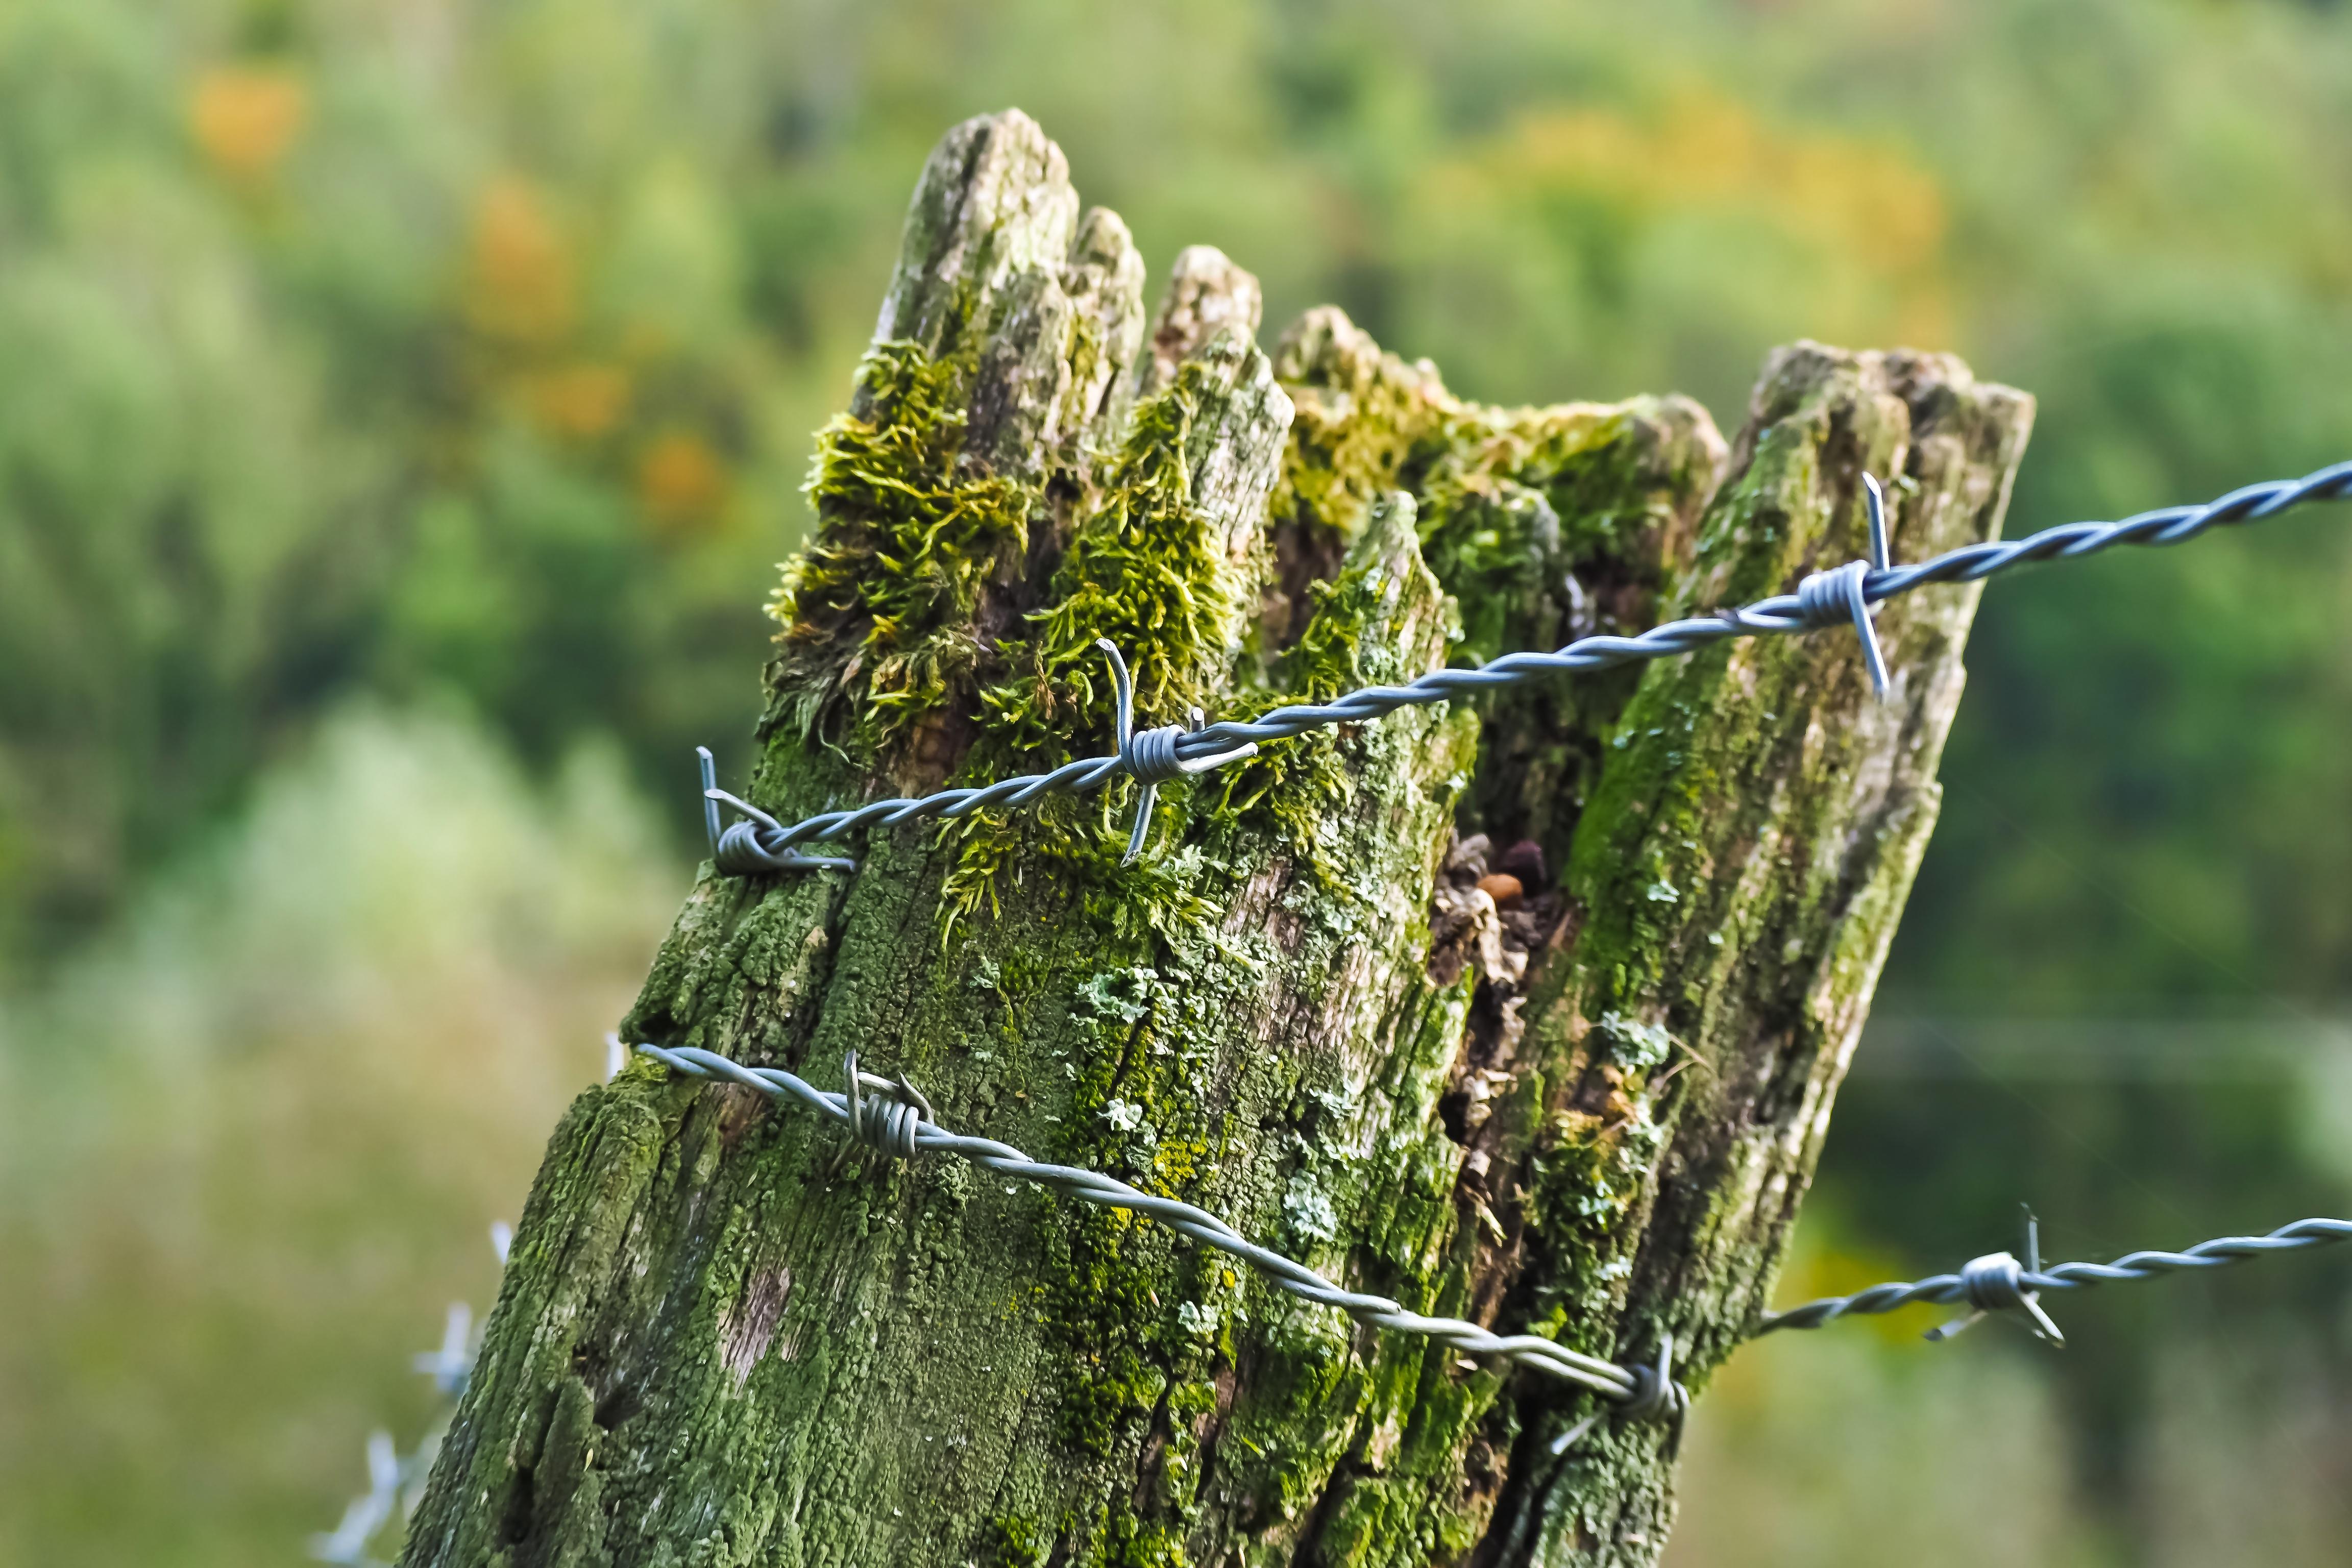 Kostenlose foto : Landschaft, Baum, Natur, Wald, Gras, Ast, Zaun ...